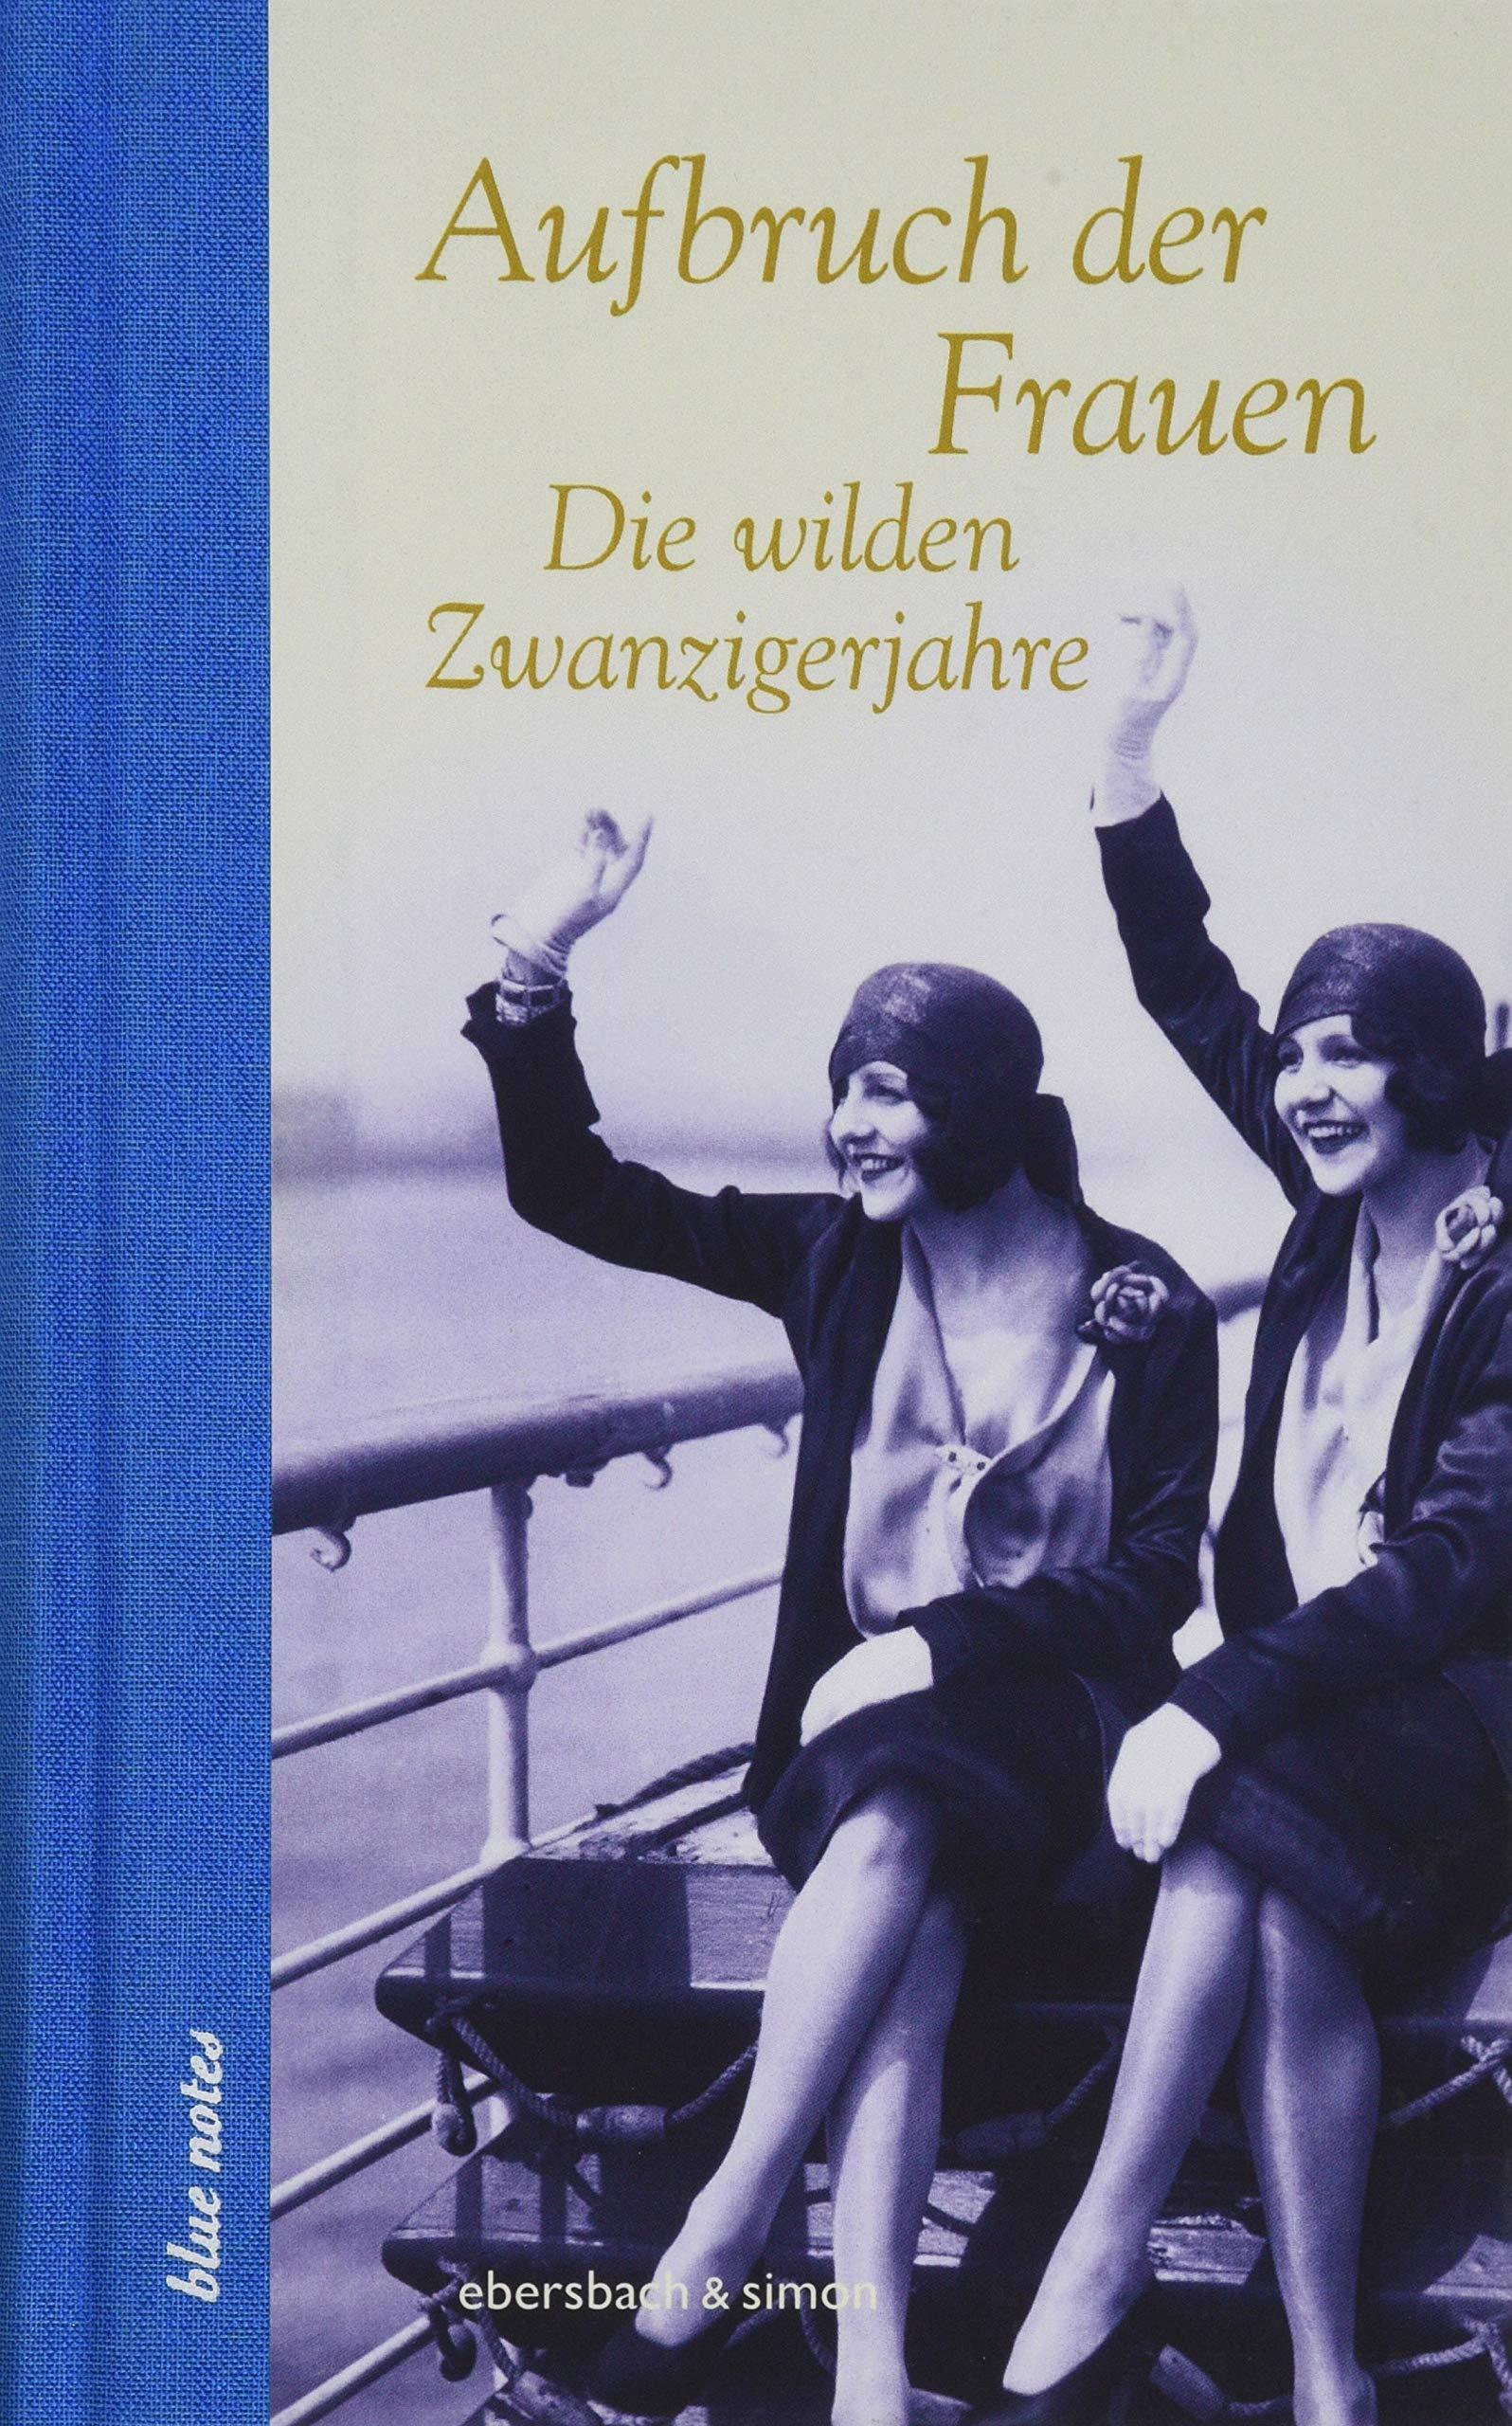 Aufbruch der Frauen: Die wilden Zwanzigerjahre blue notes: Amazon ...